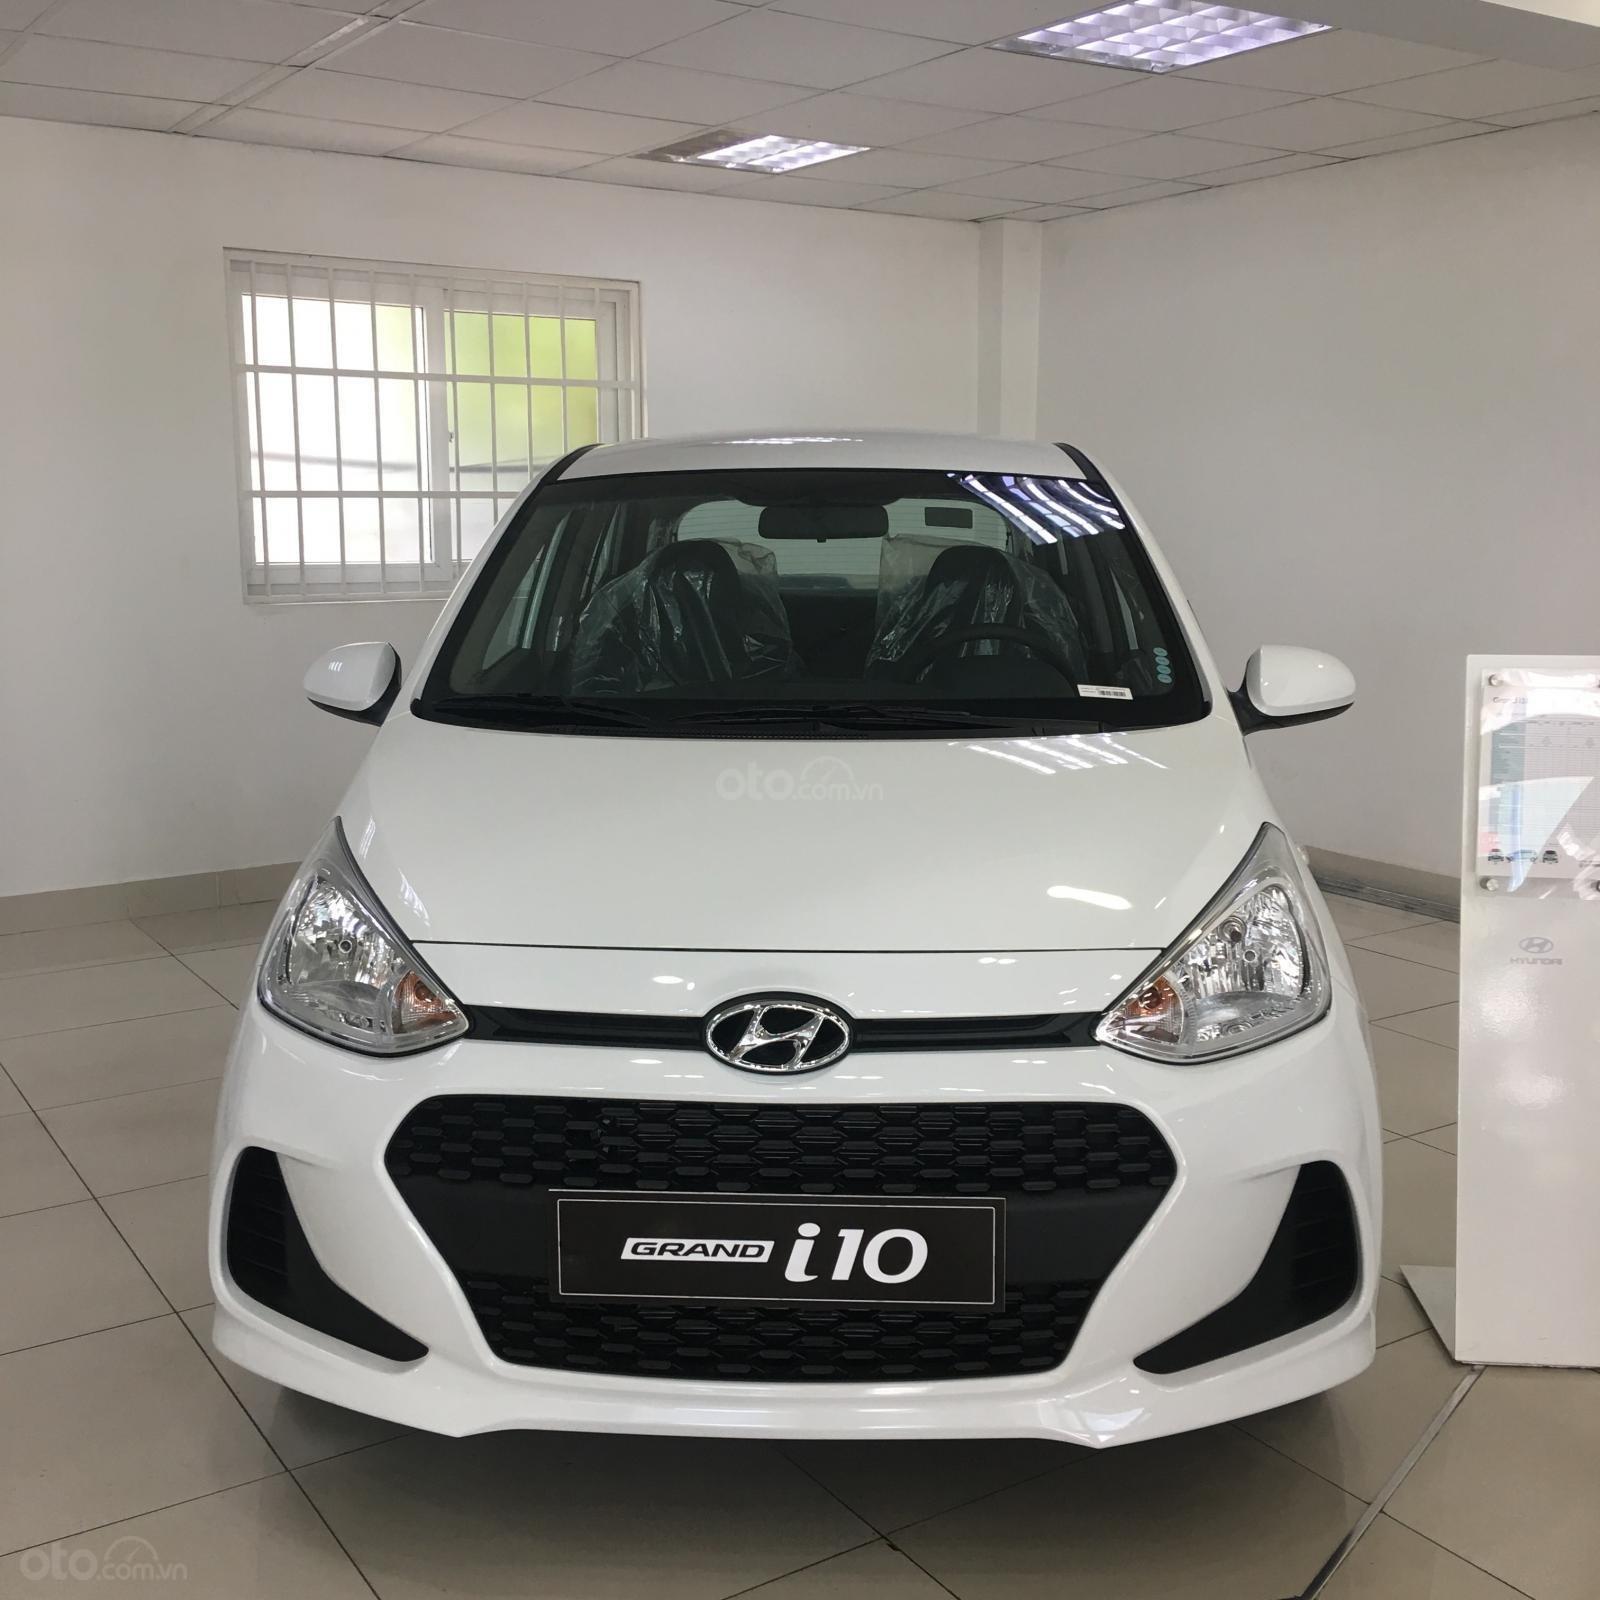 Cần bán Hyundai Grand i10 đời 2019, sẵn xe đủ màu giao ngay, tặng phụ kiện hấp dẫn, LH Mr Ân : 0939493259 (1)